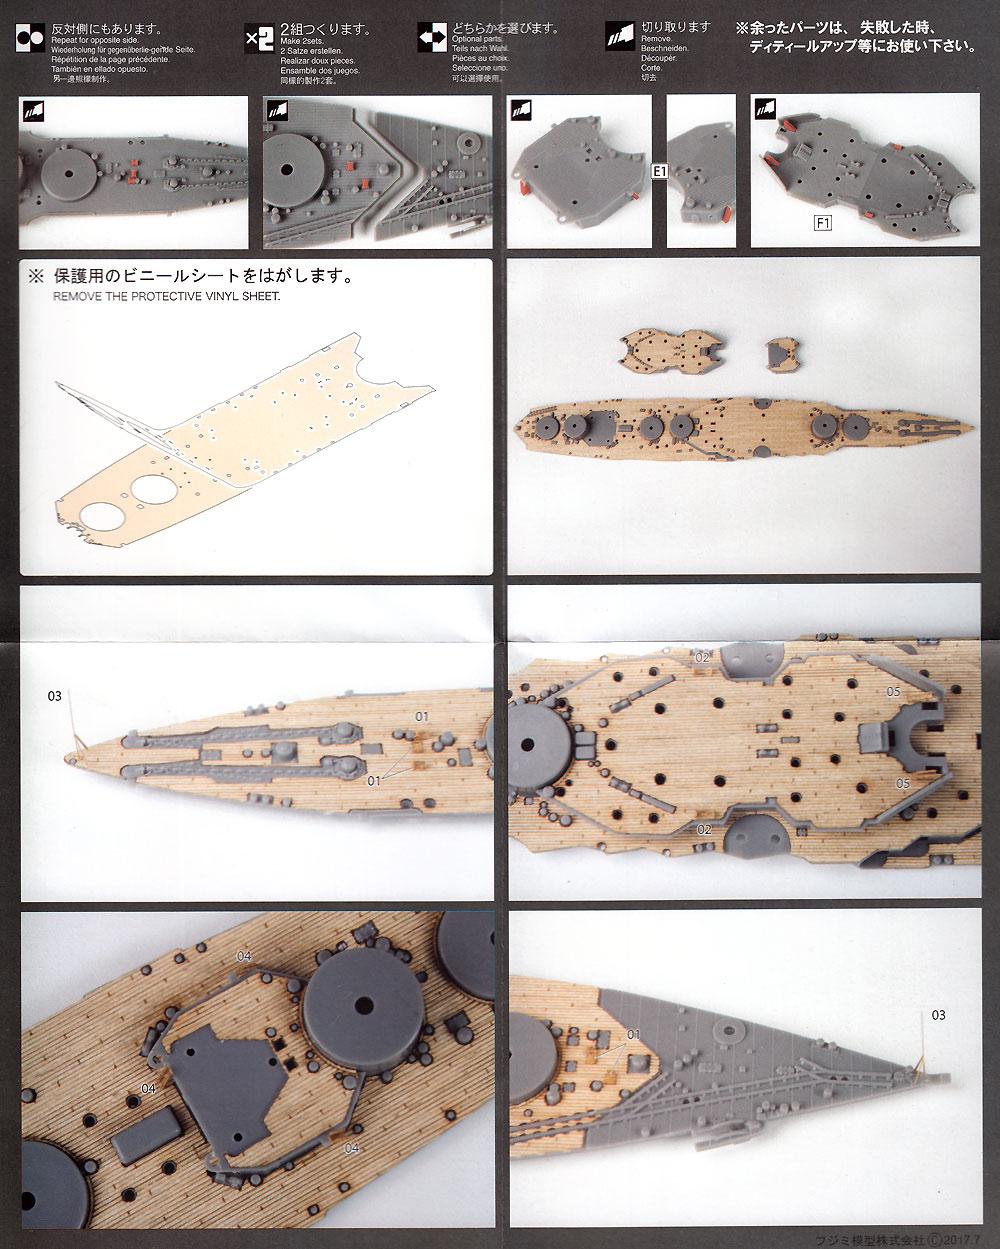 日本海軍 戦艦 伊勢 木甲板シール w/艦名プレート木製甲板(フジミ艦船模型用グレードアップパーツNo.096EX-004)商品画像_4